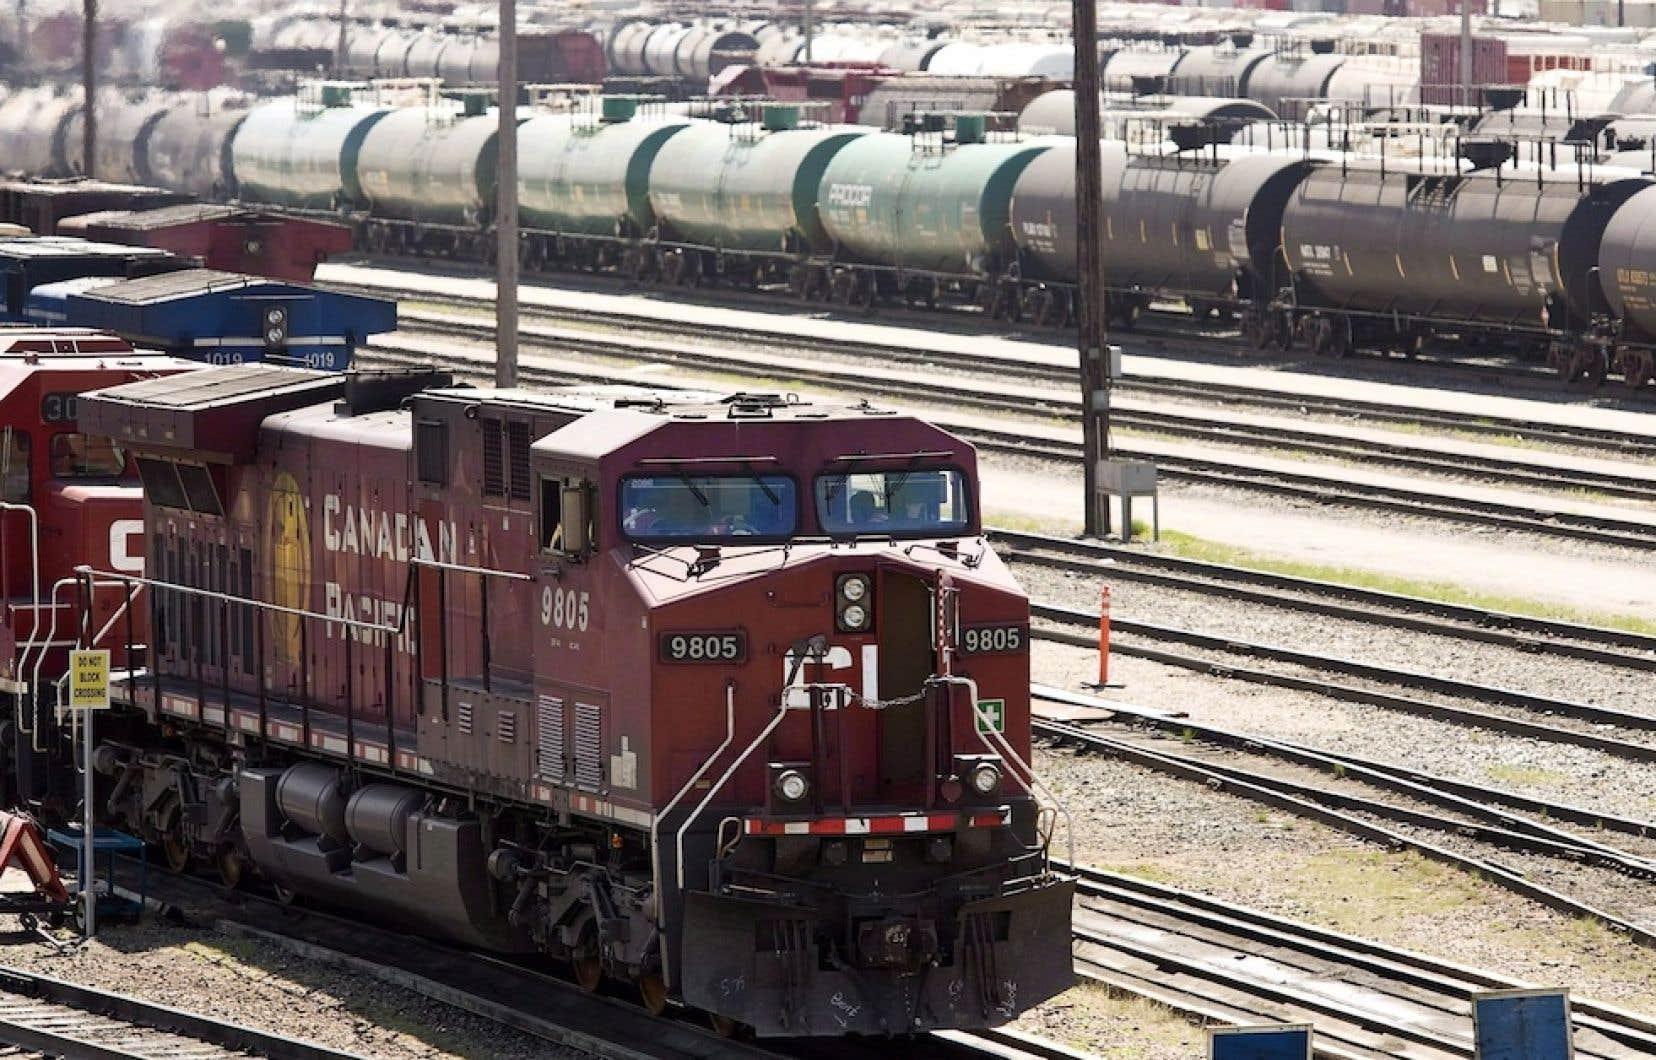 Un train du Canadien Pacifique, dans une gare de triage de Calgary.